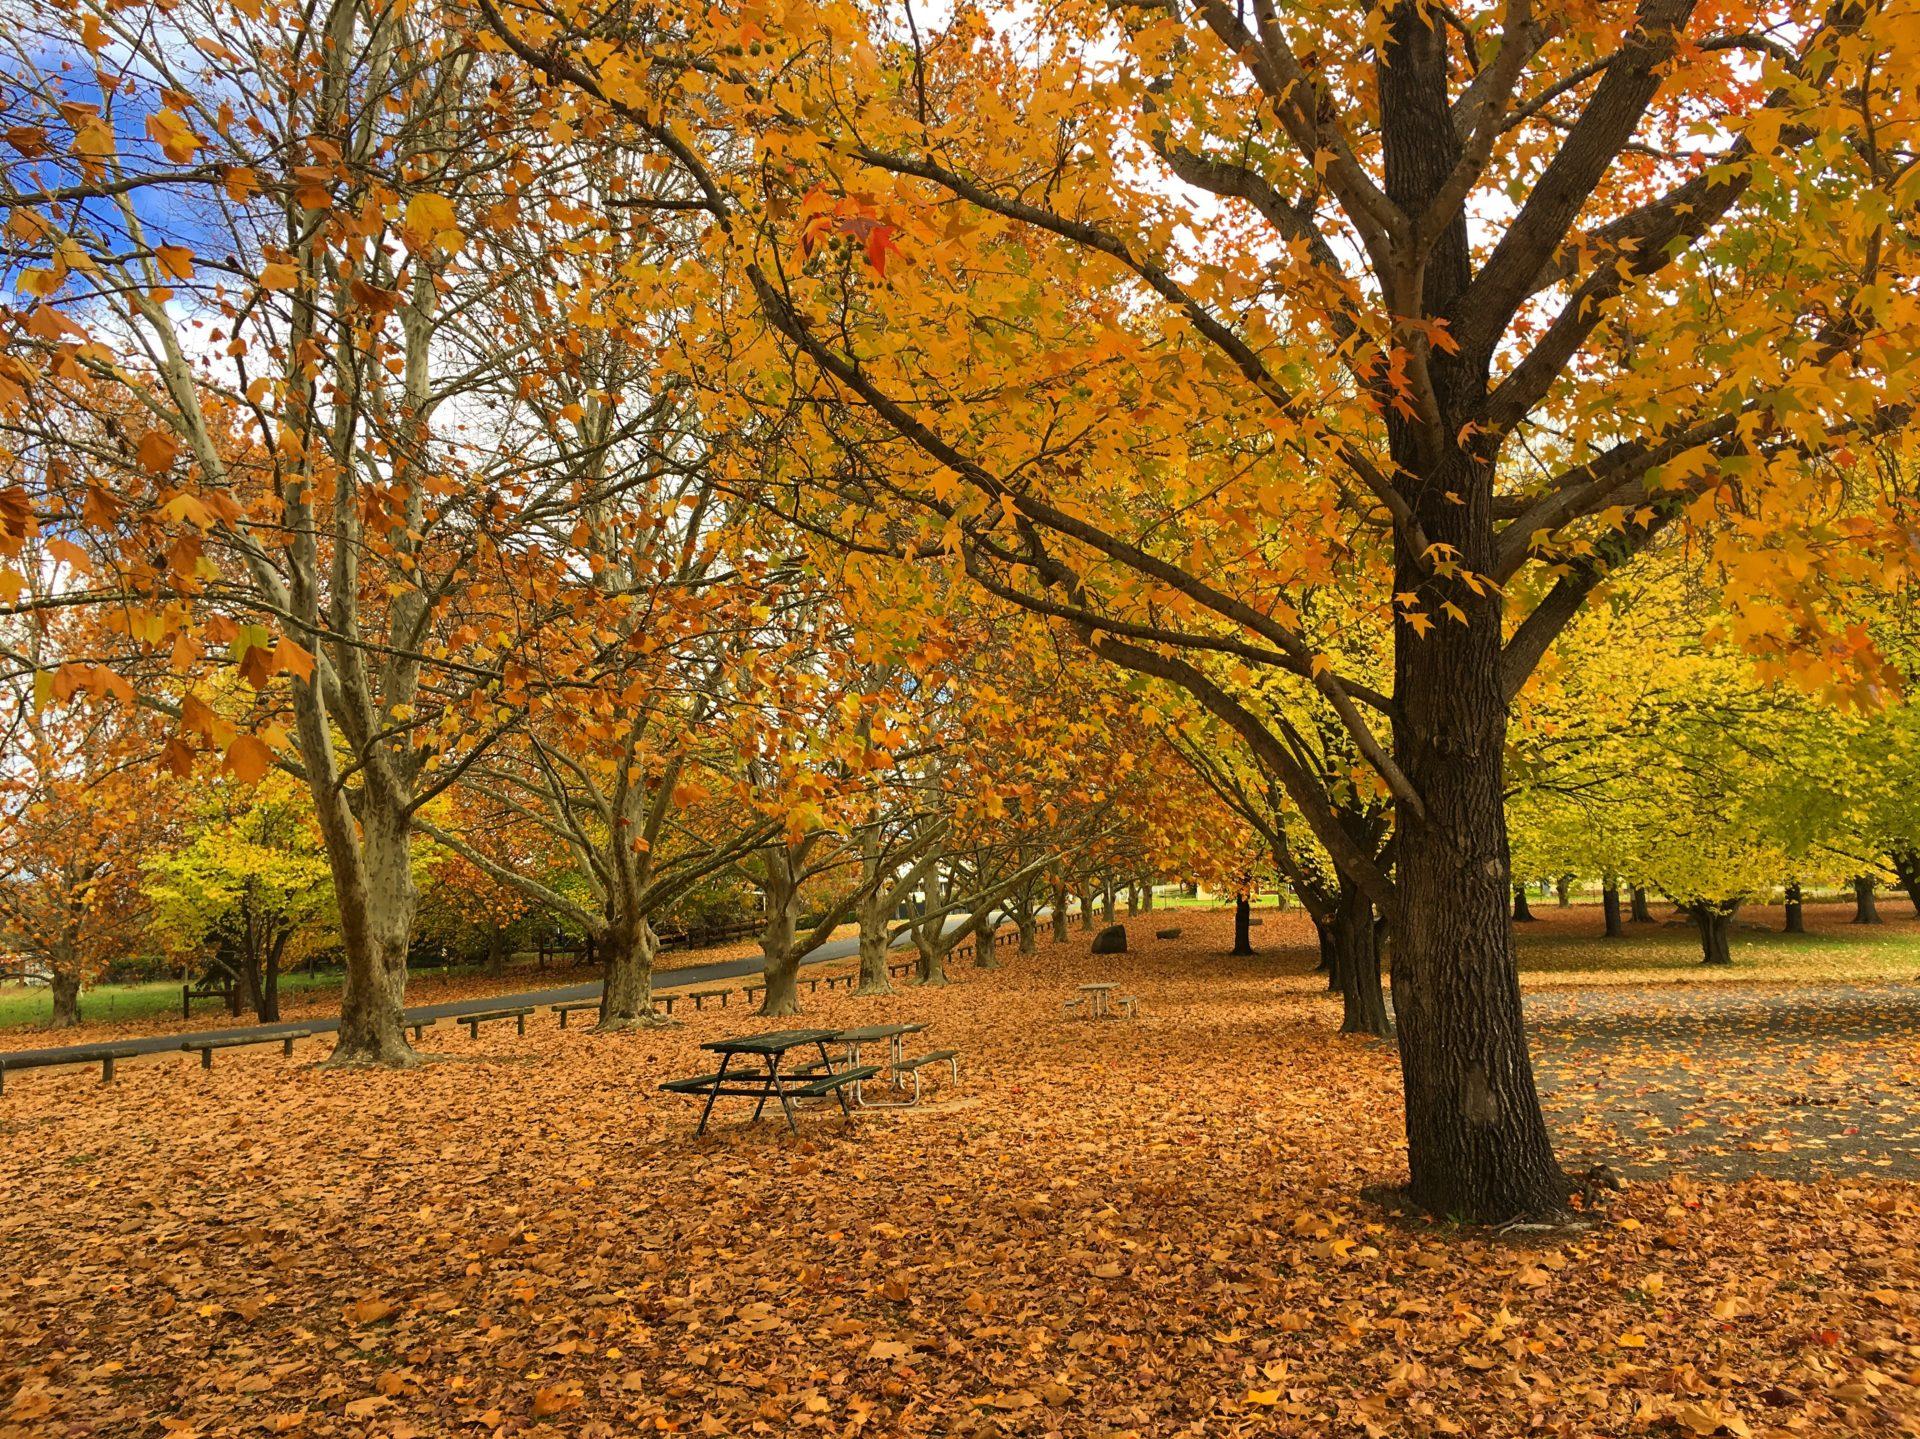 Autumn in Millbrook Park